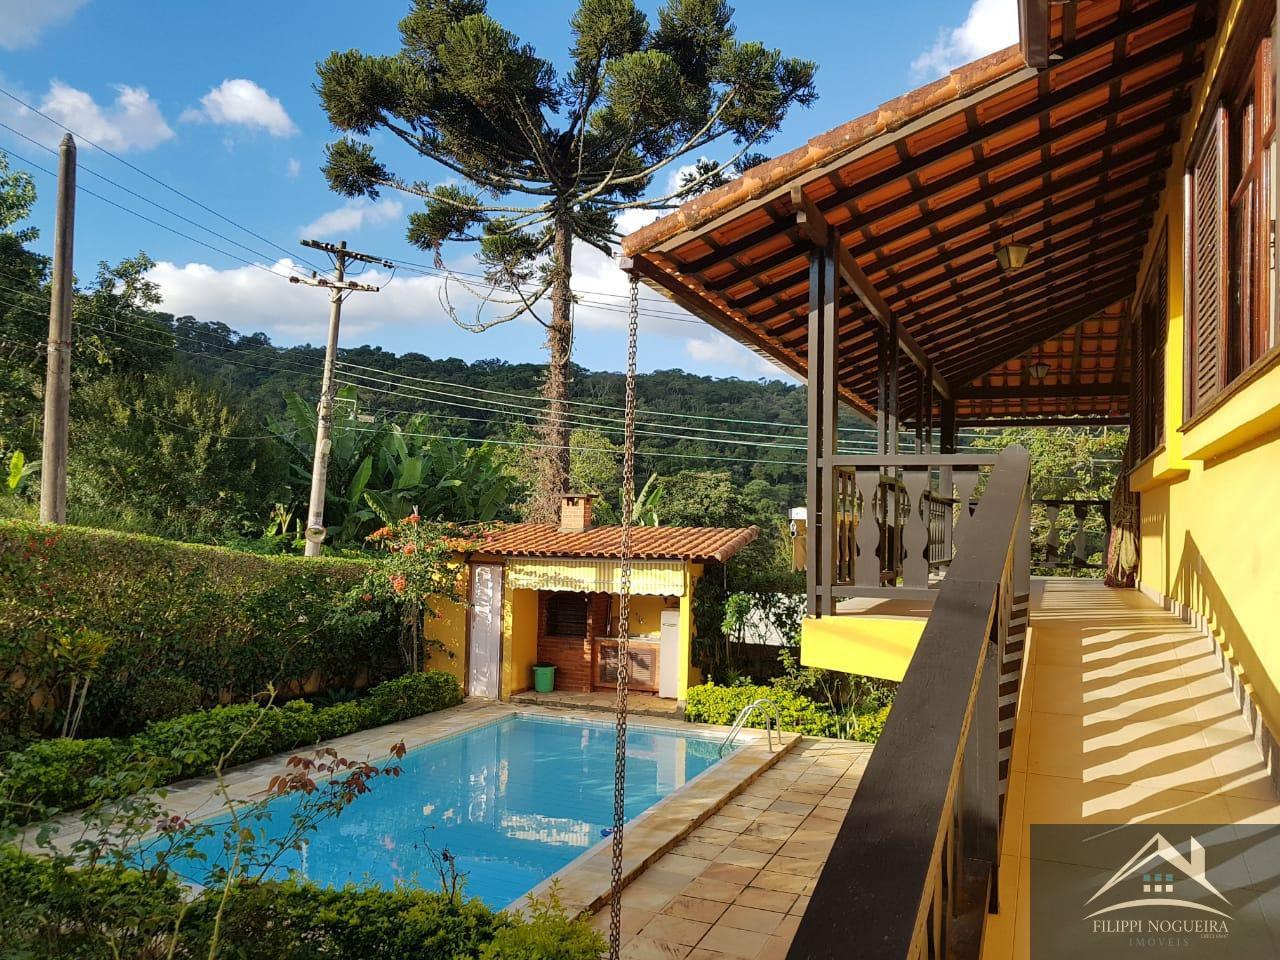 Excelente imóvel com 6 quartos e piscina na Vila Suissa. - csvl - 2